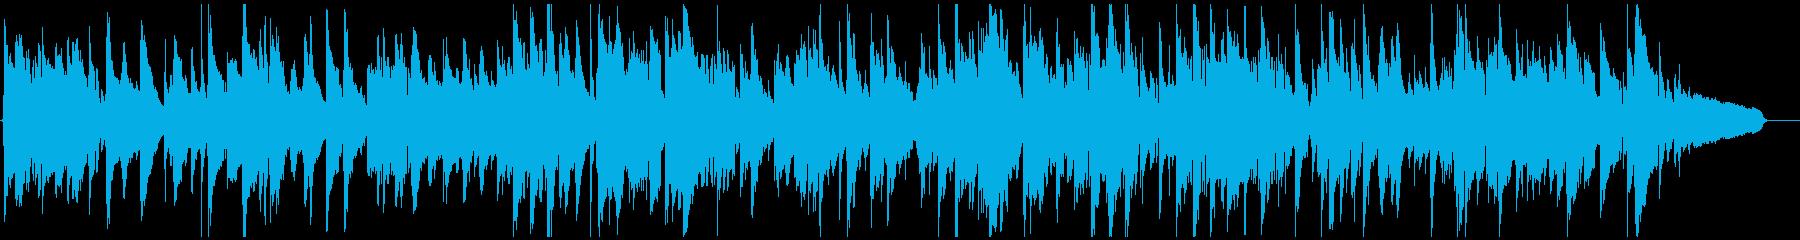 センチメンタルな大人の渋いジャズバラードの再生済みの波形